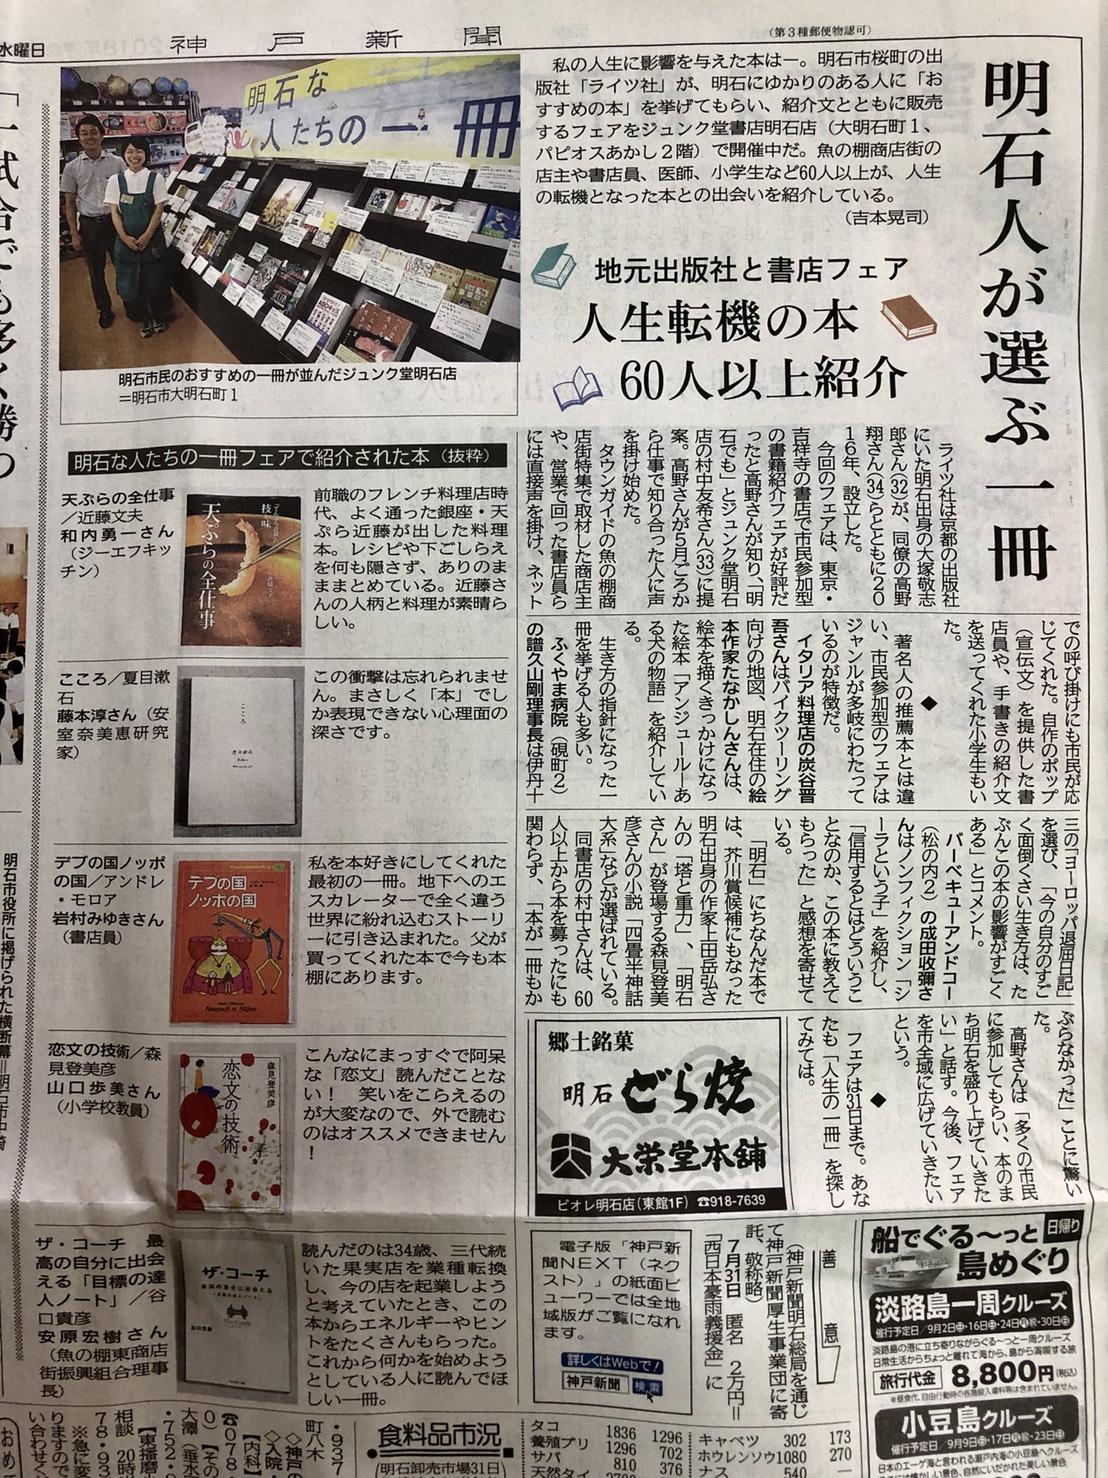 「神戸新聞に「明石な人たちの一冊」が掲載されました!」記事アイキャッチ画像